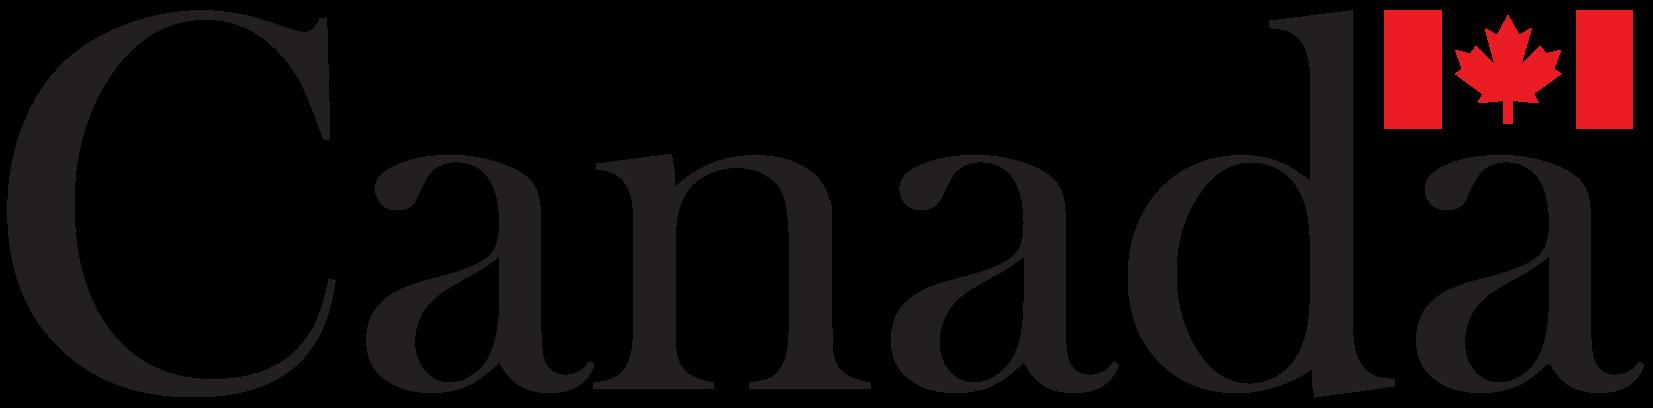 govt-canada-logo